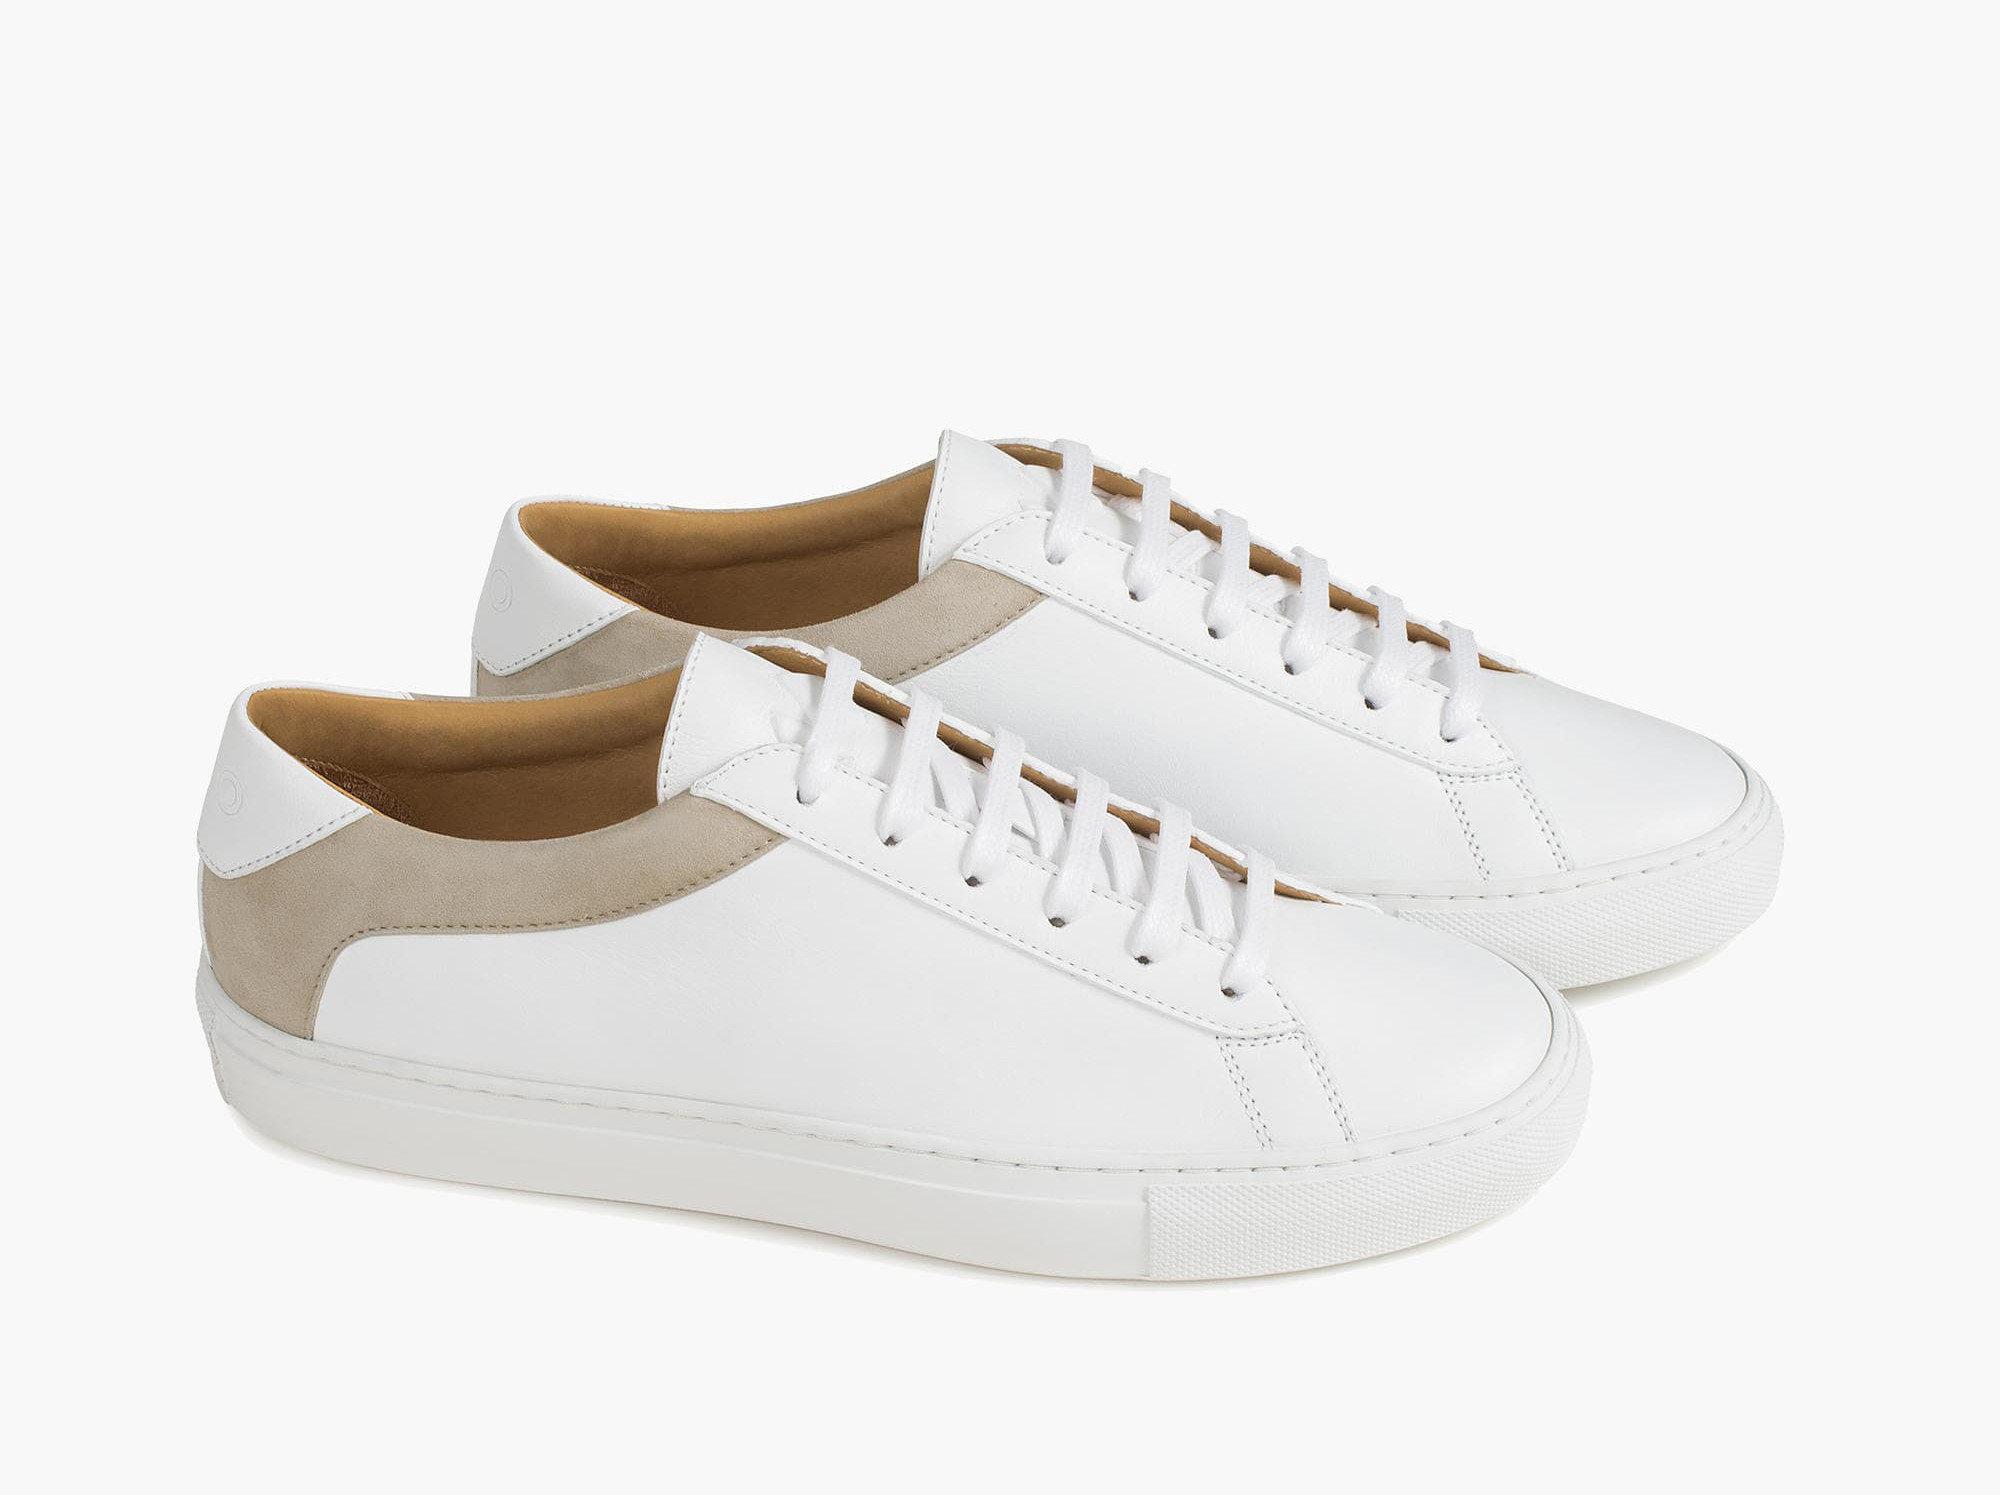 Health + Wellness Style + Design Travel Shop footwear white shoe sneakers walking shoe beige product product design tennis shoe outdoor shoe sportswear brand cross training shoe